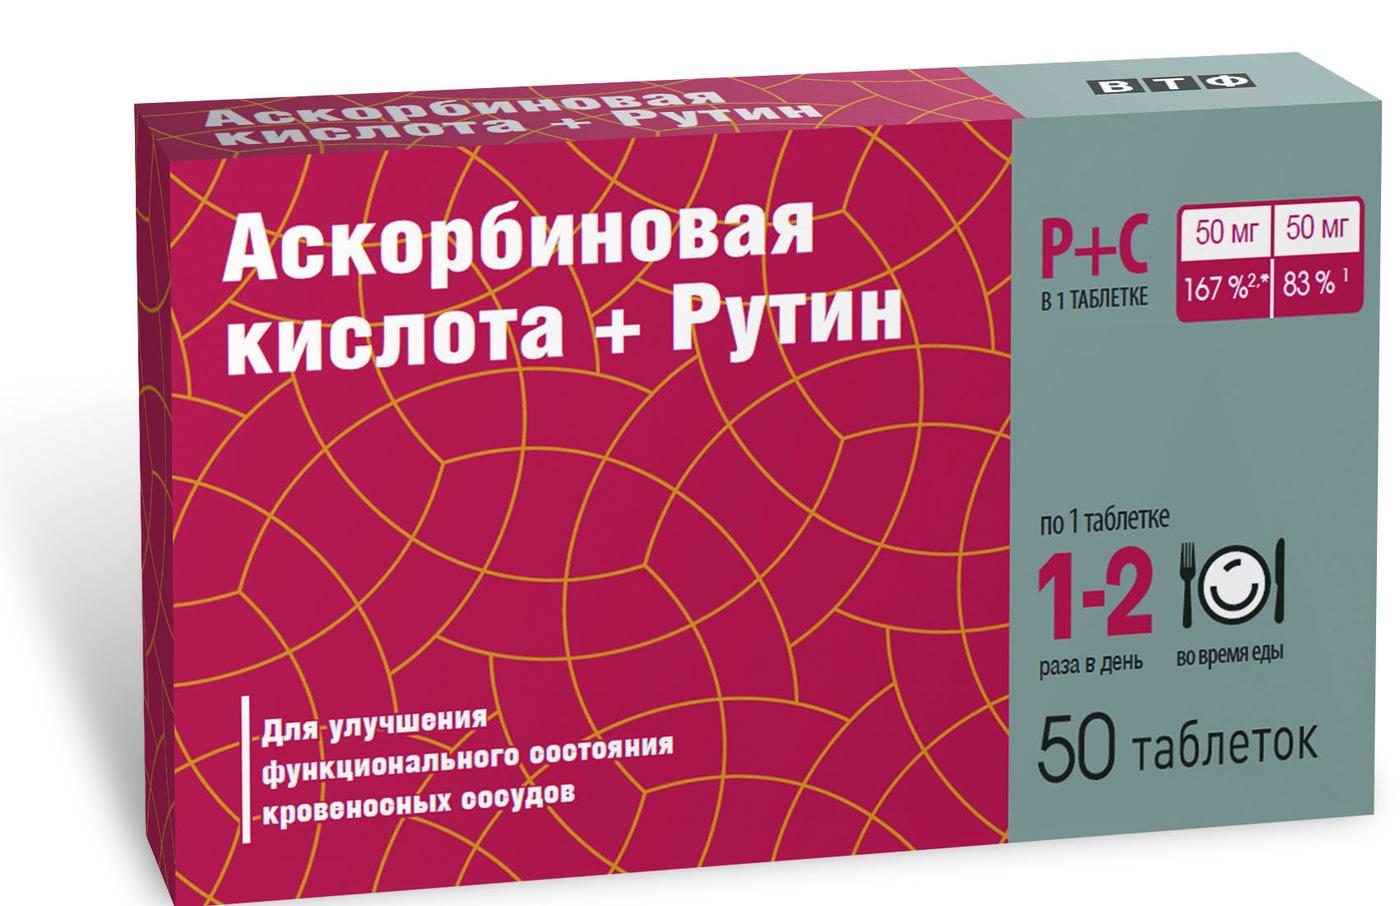 Рутин: описание и аналогичные препараты